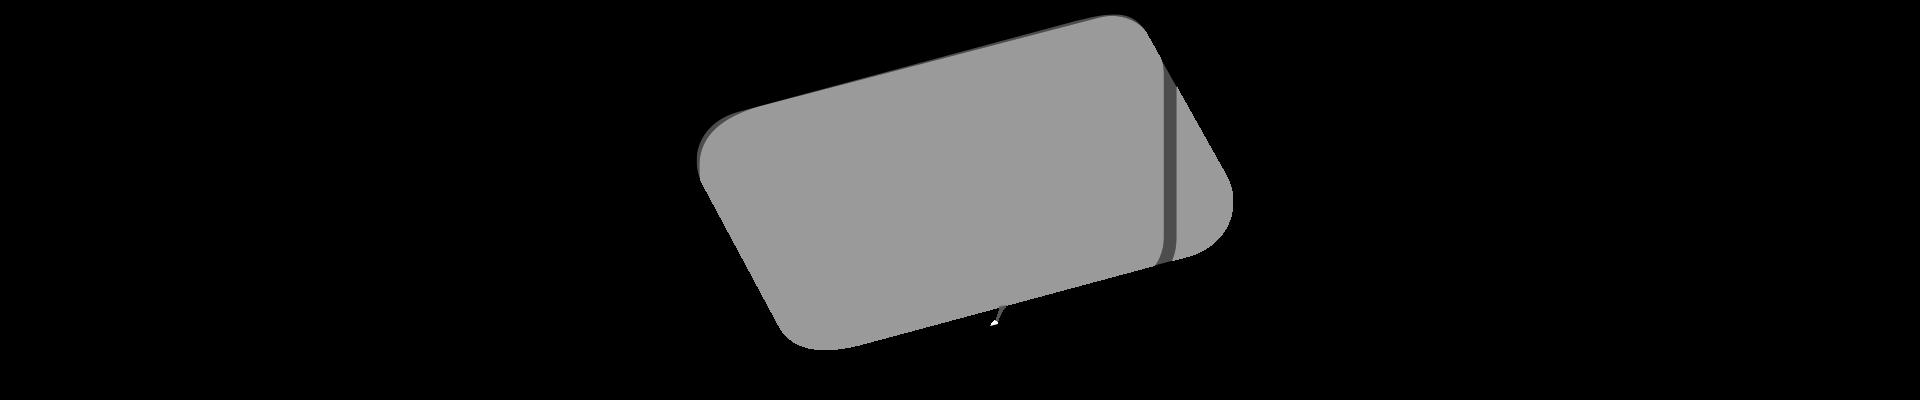 Frameless window for an RV